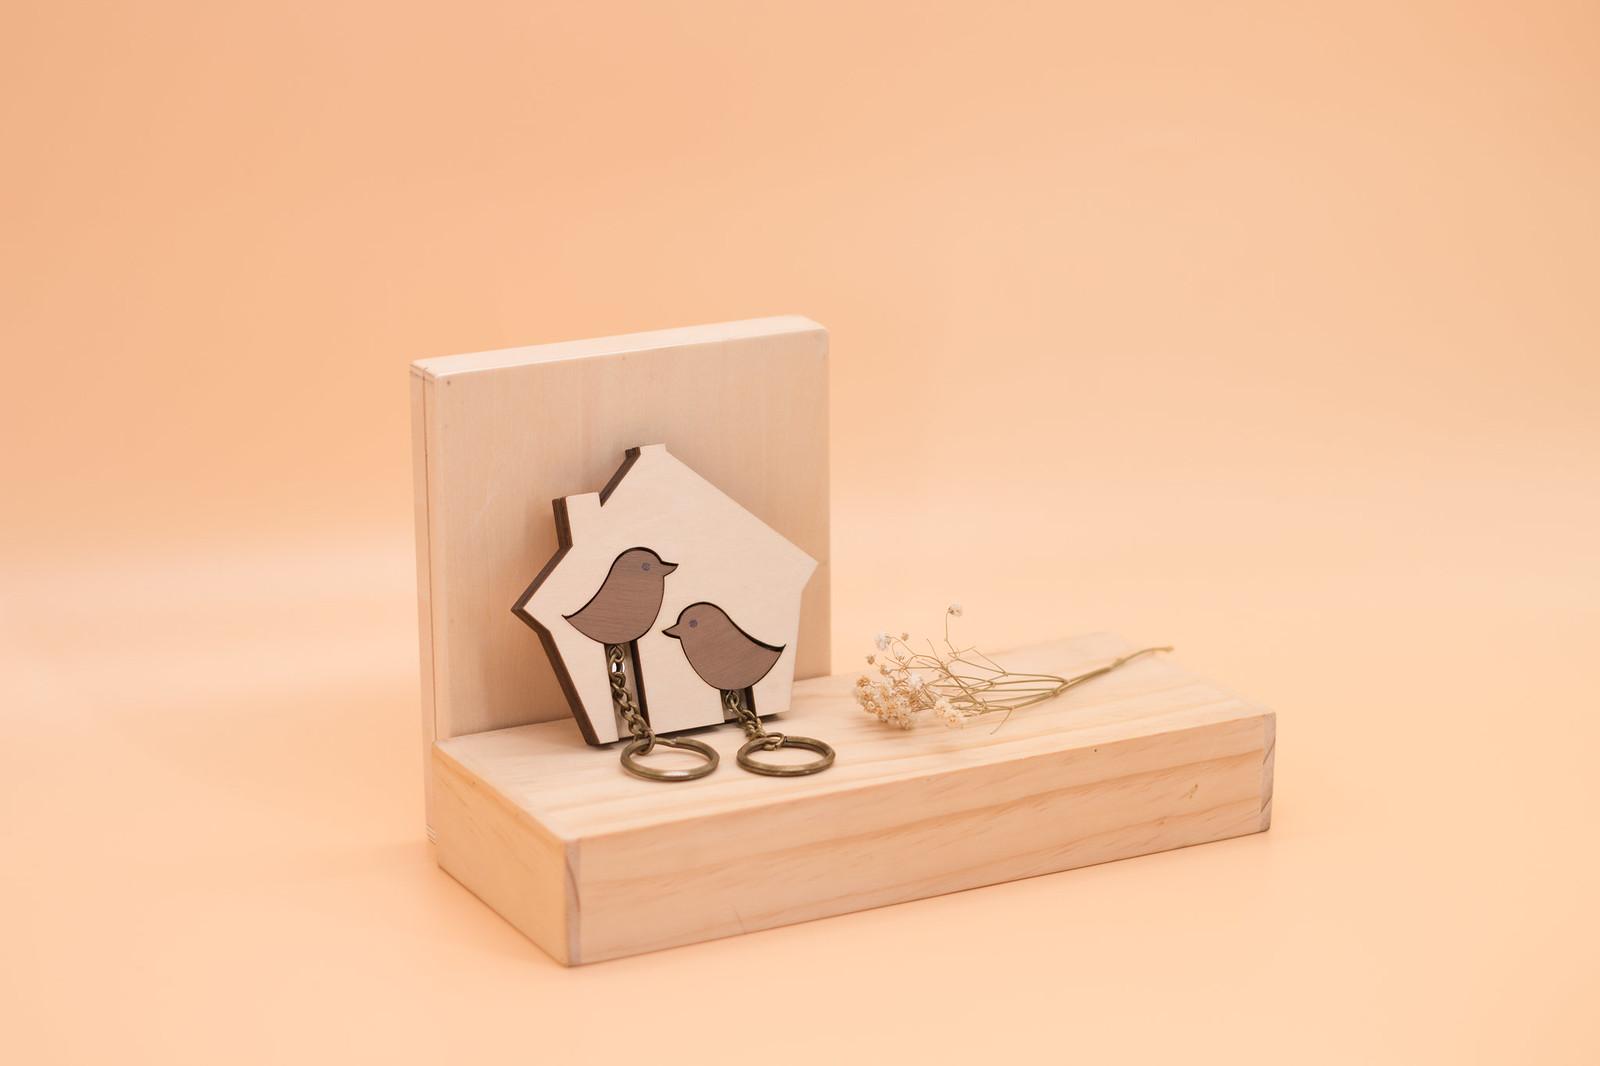 鑰匙圈 客製化 禮物 特色產品 居家 台灣設計 生日 情人節 情侶 雙人 鳥 動物 房子 壁掛 簡約 多肉 玄關 療癒 聖誕節 收納 裝飾 吊飾 送禮 中性 木 楓木 胡桃木 鑰匙